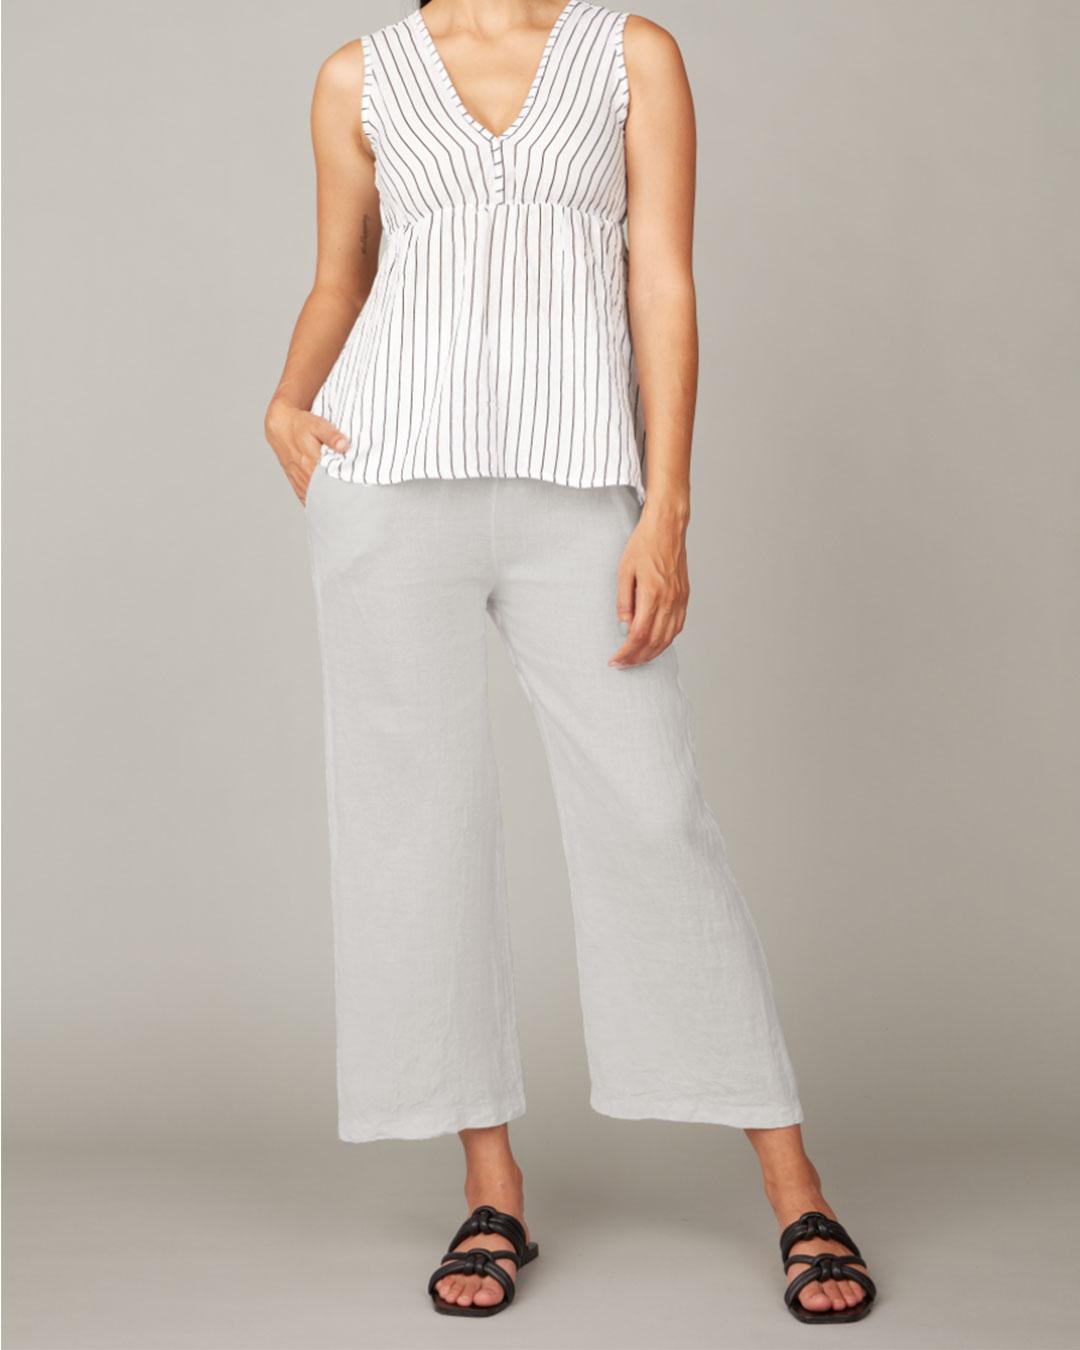 pistache-clothing-relaxed-linen-pant-pebble-dianes-lingerie-vancouver-1080x1080